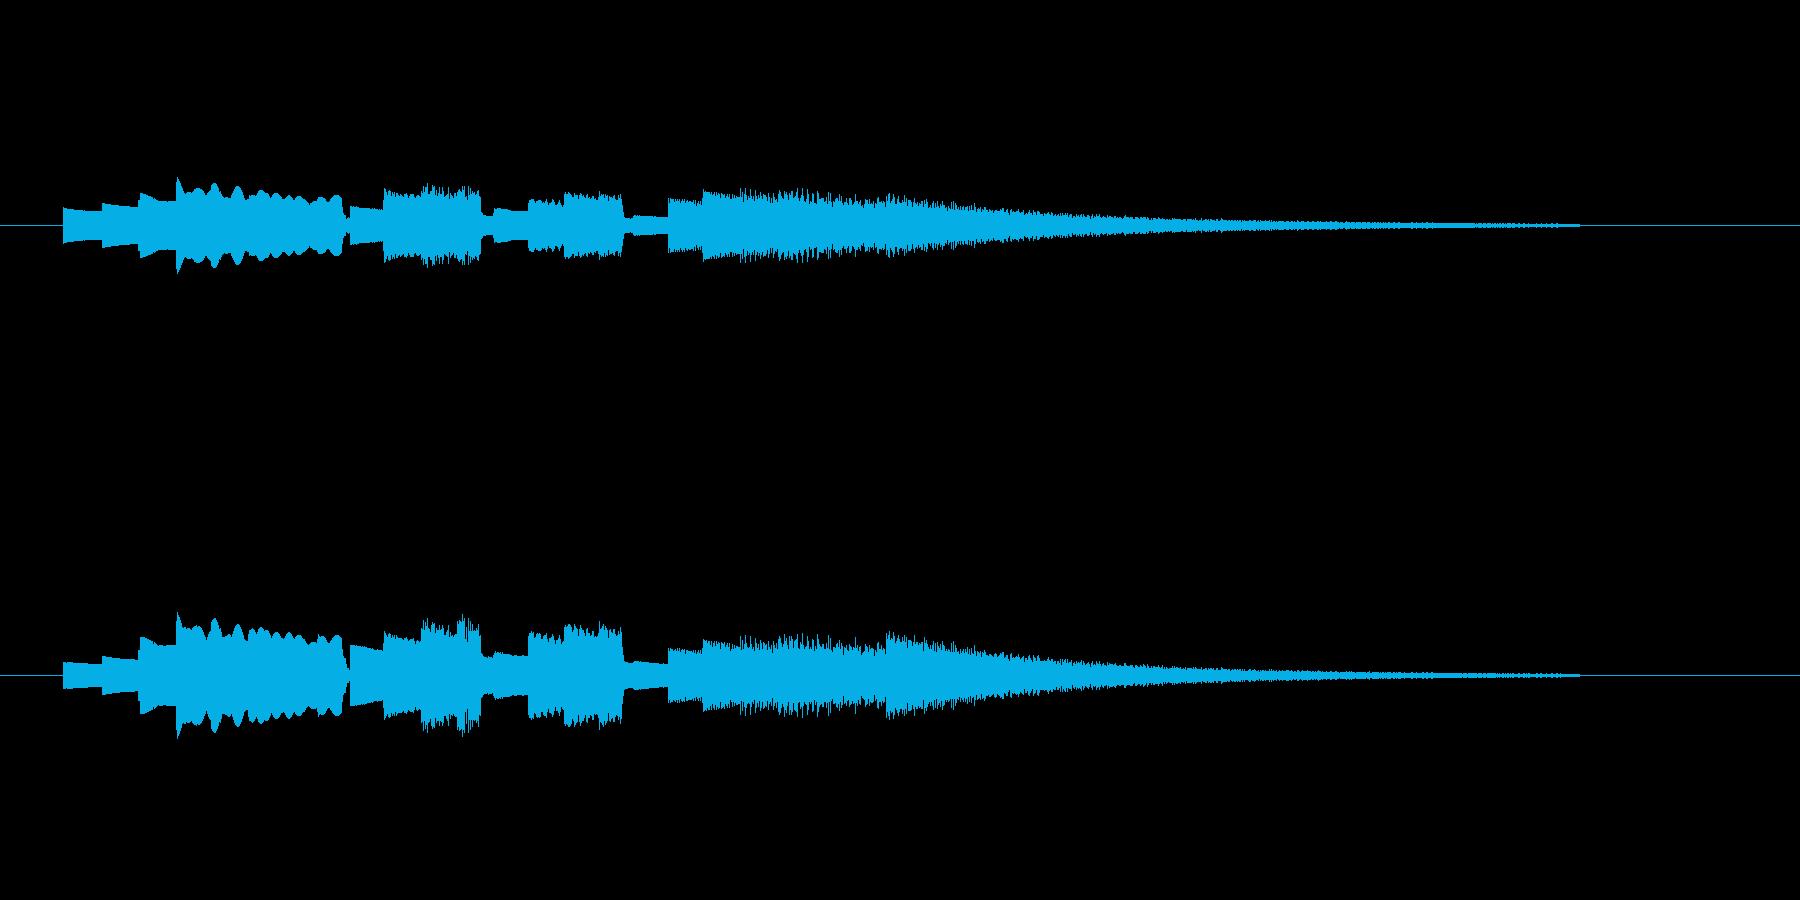 アイキャッチにオススメなエレビのジングルの再生済みの波形